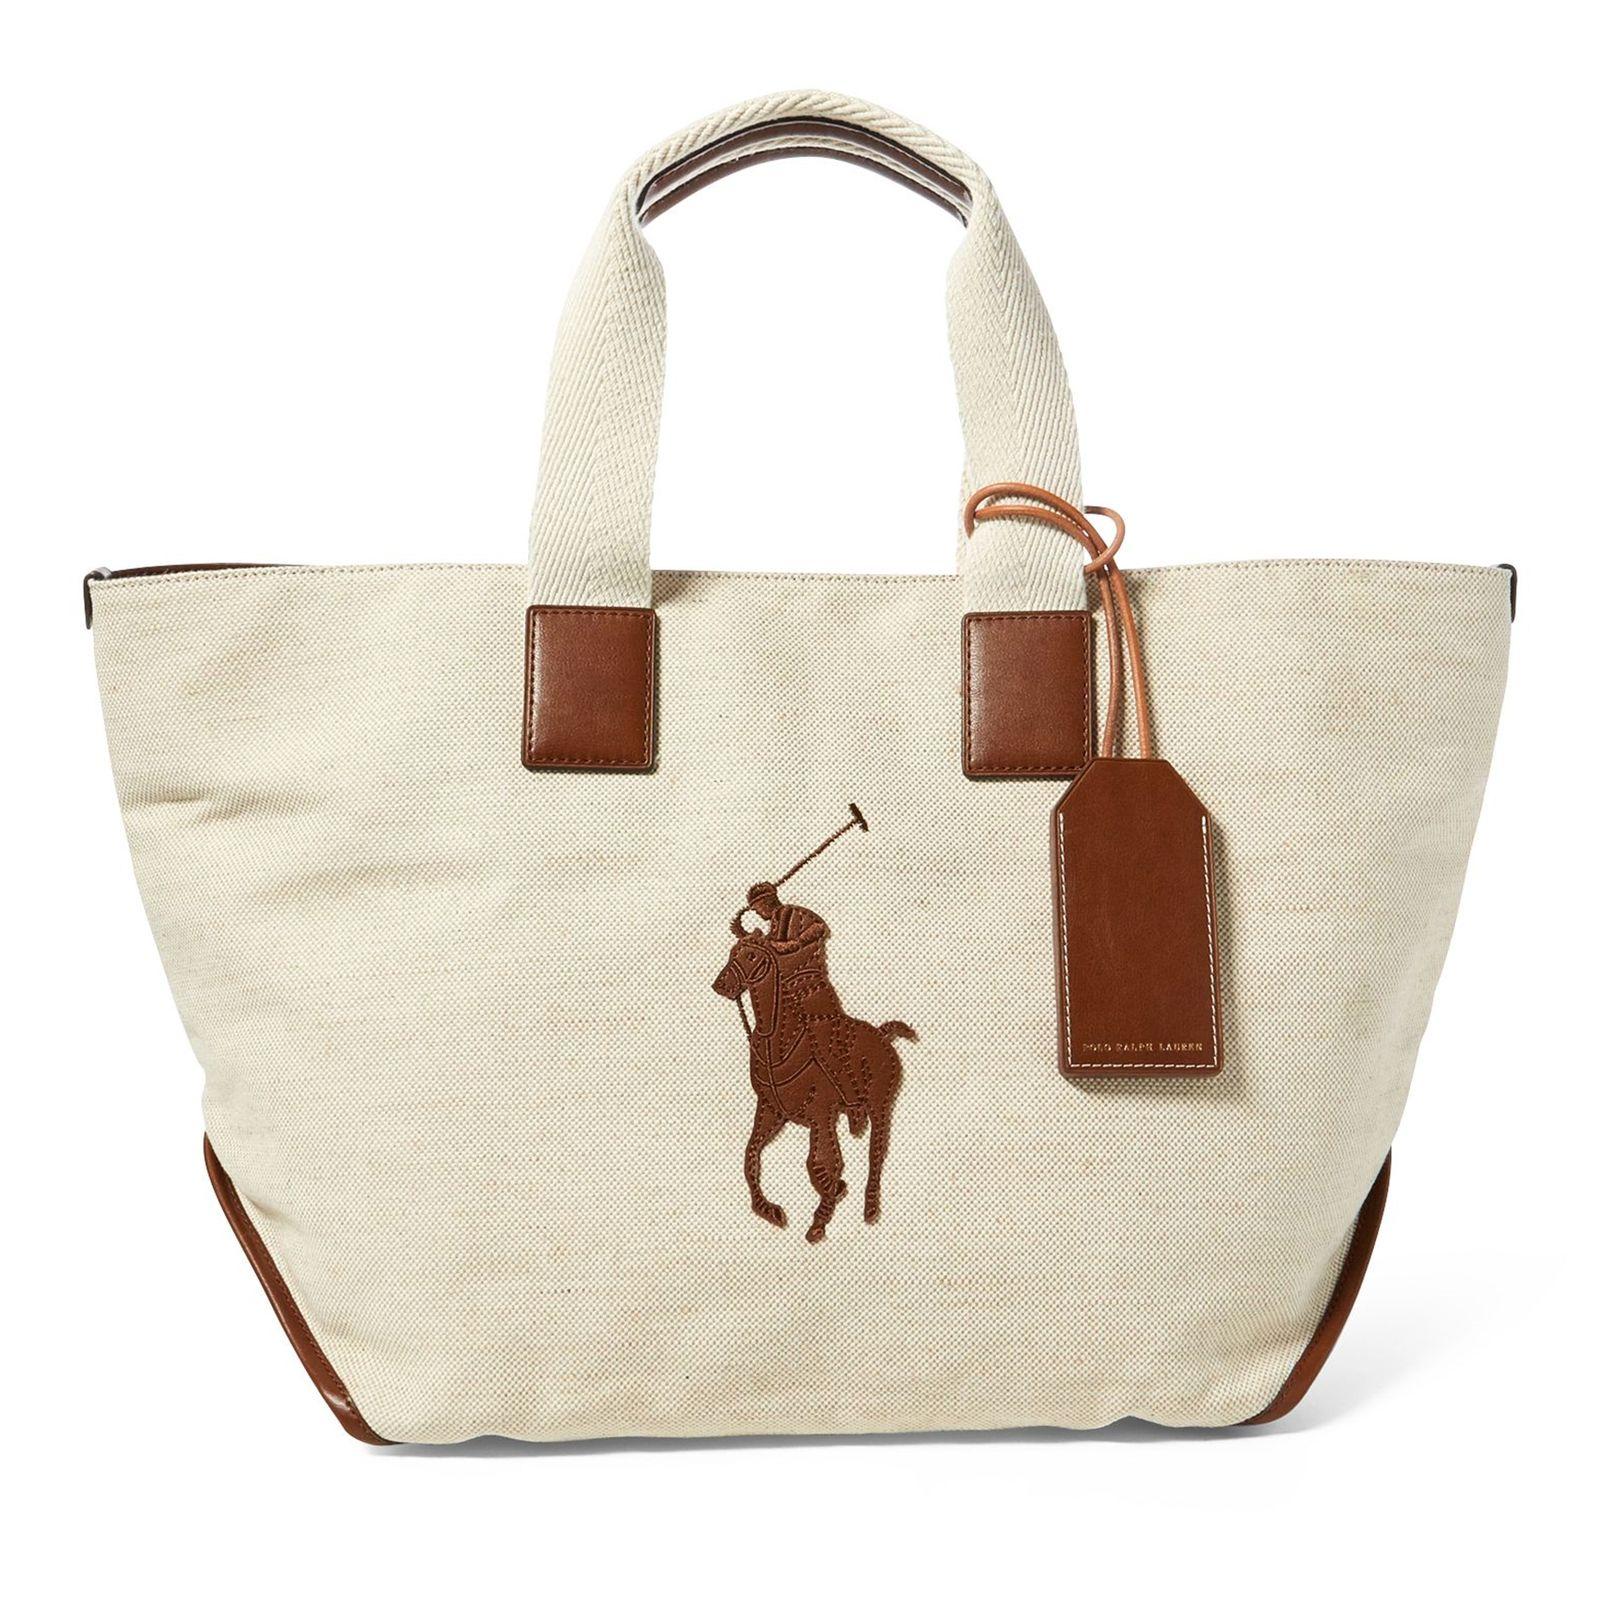 931c481260d41 Bawełniana torebka RALPH LAUREN – Kup Teraz! Najlepsze ceny i opinie! Sklep  Moliera2.com